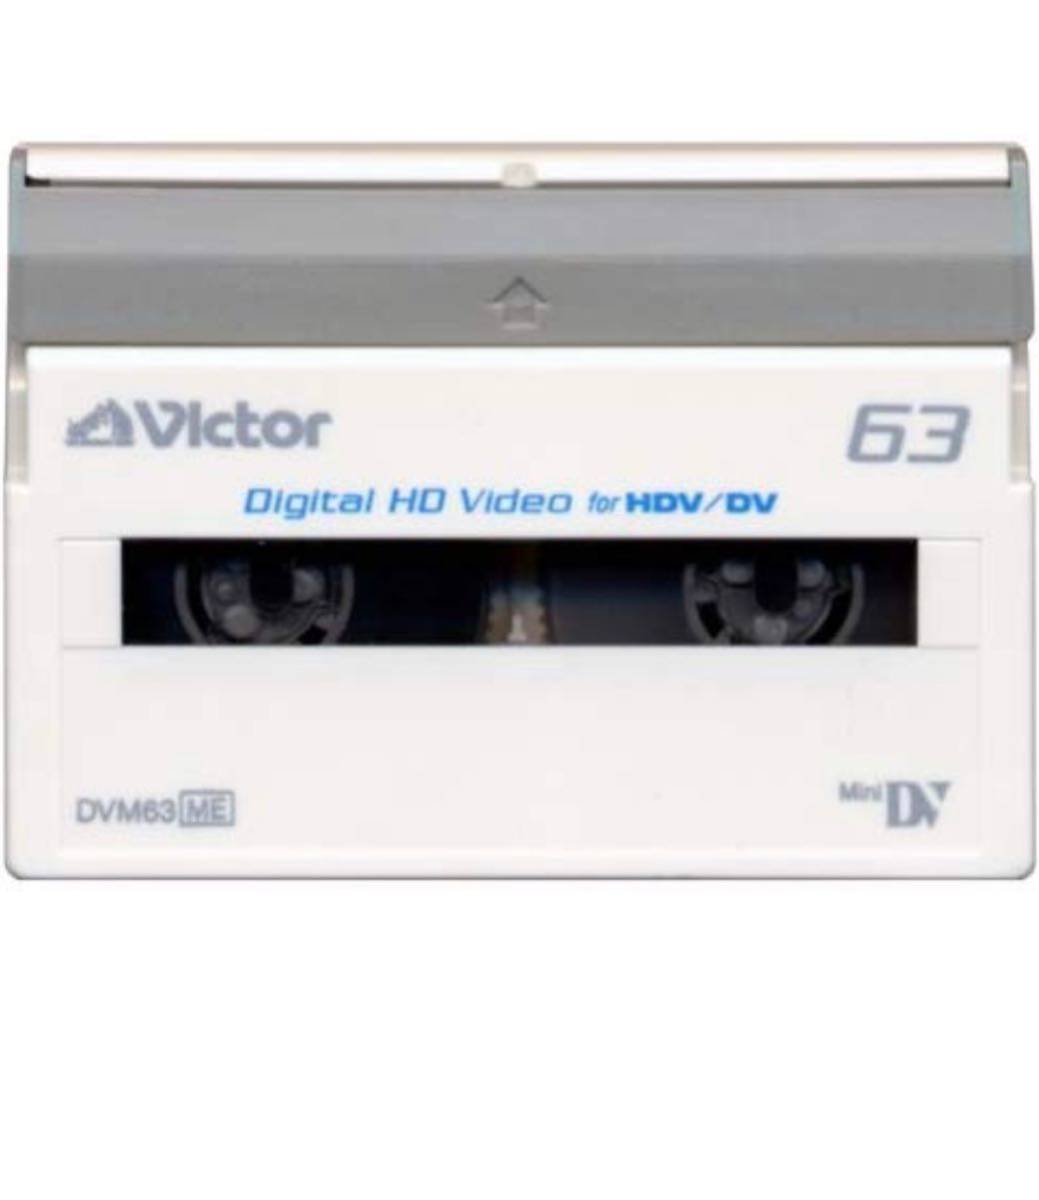 Victor デジタルハイビジョン録画用 ミニDVカセット M-DV63HDF3 HDV DV 5個セット 新品_画像2